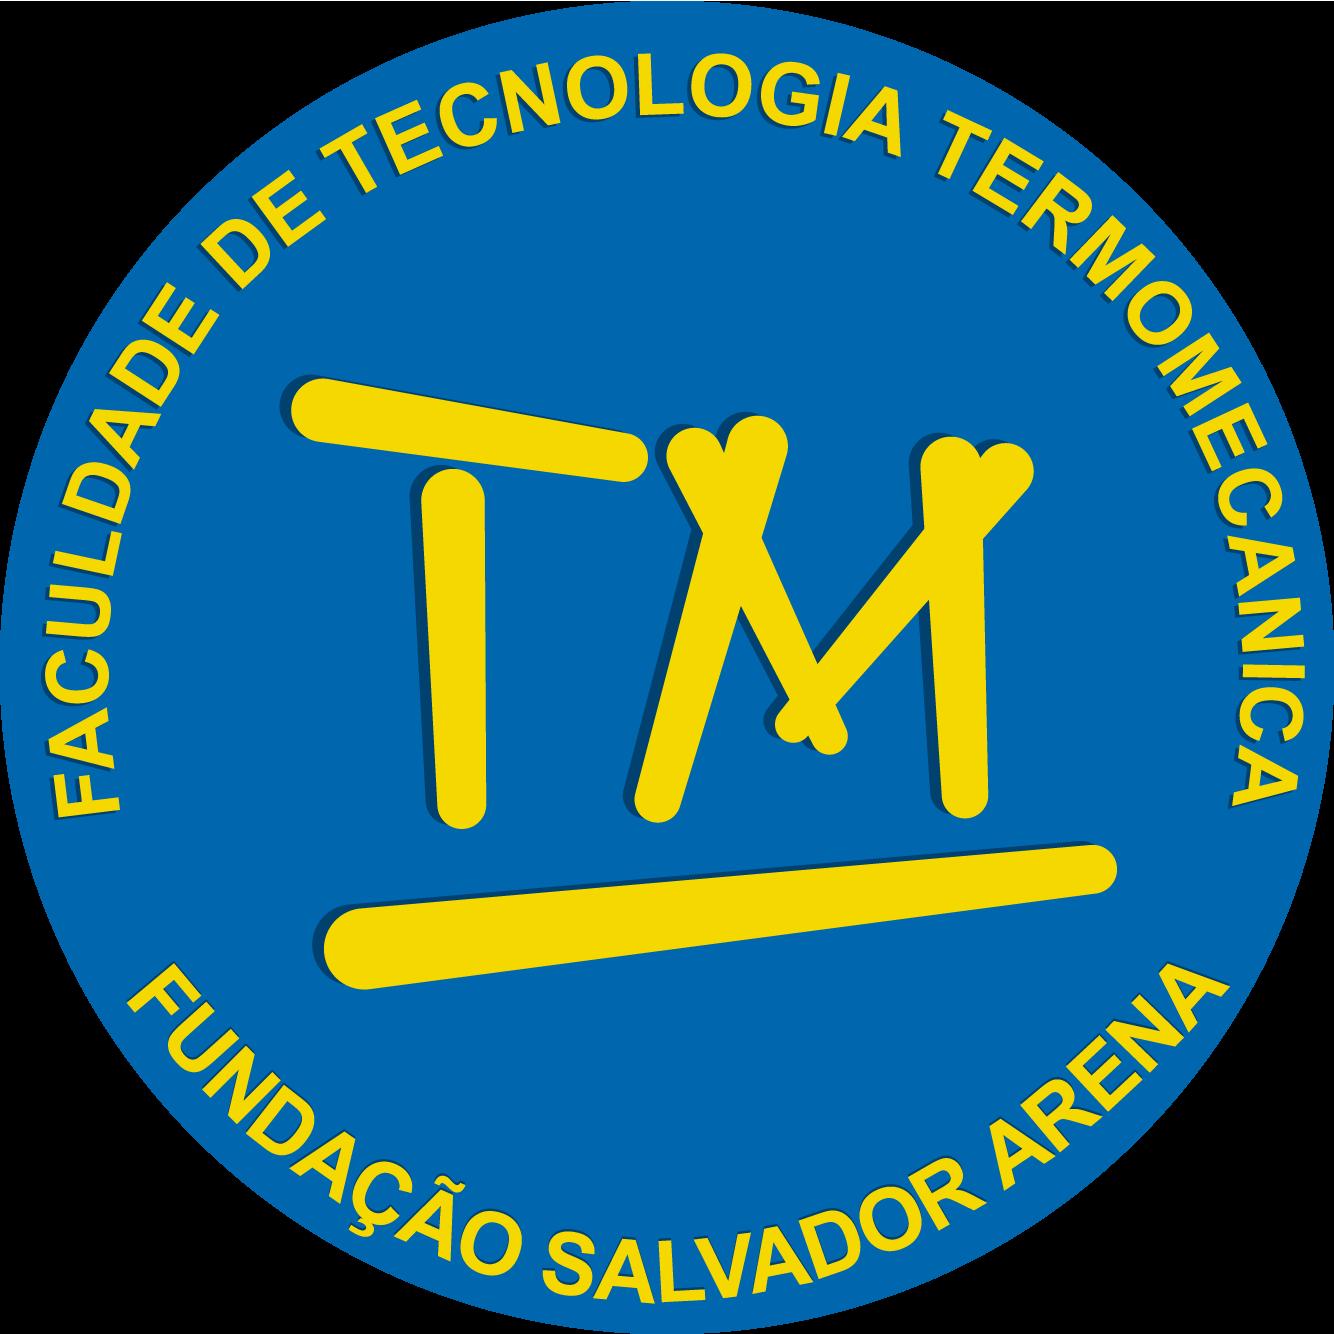 Abertas inscrições para o Vestibular 2022/1 da FTT (SP)